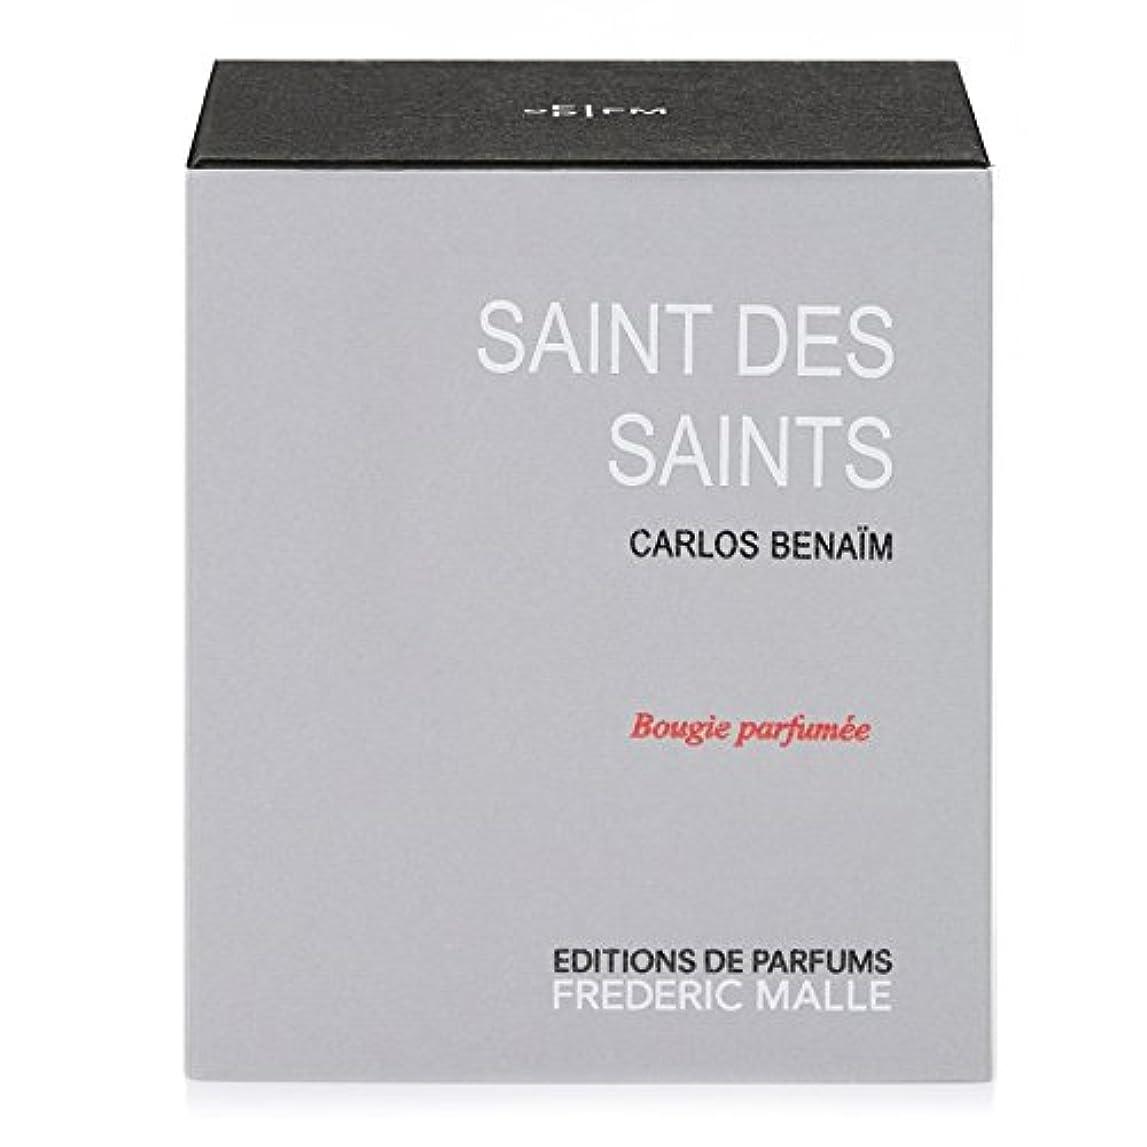 アニメーション阻害する幸運Frederic Malle Saint Des Saints Scented Candle 220g (Pack of 4) - フレデリック?マル聖人デ聖人の香りのキャンドル220グラム x4 [並行輸入品]